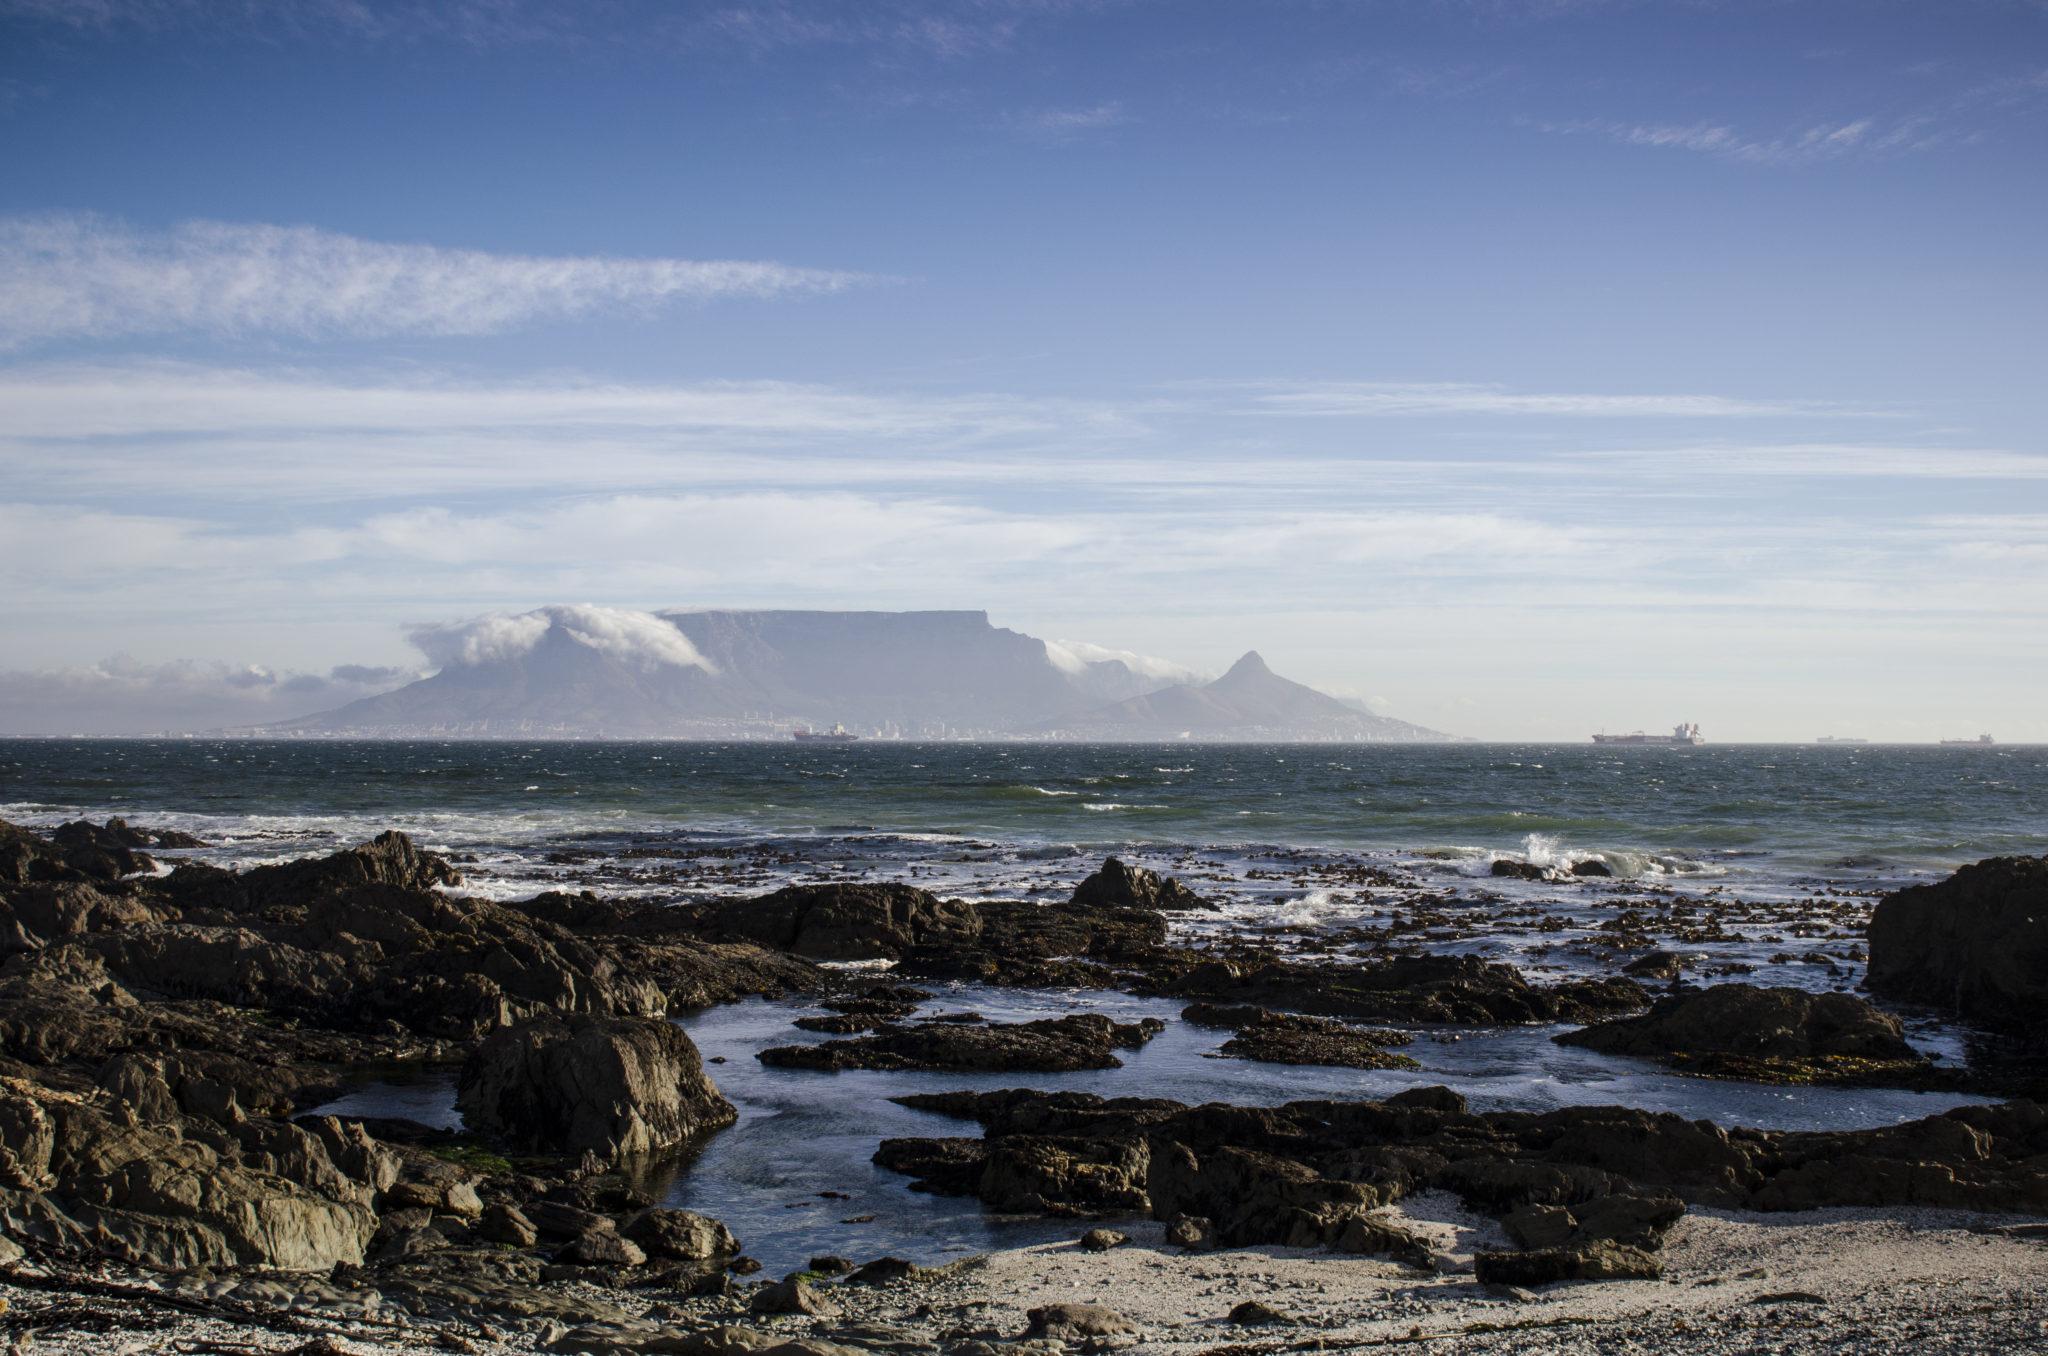 Der Blick auf den Tafelberg vom Bloubergstrand ist einer unserer Südafrika Reisetipps